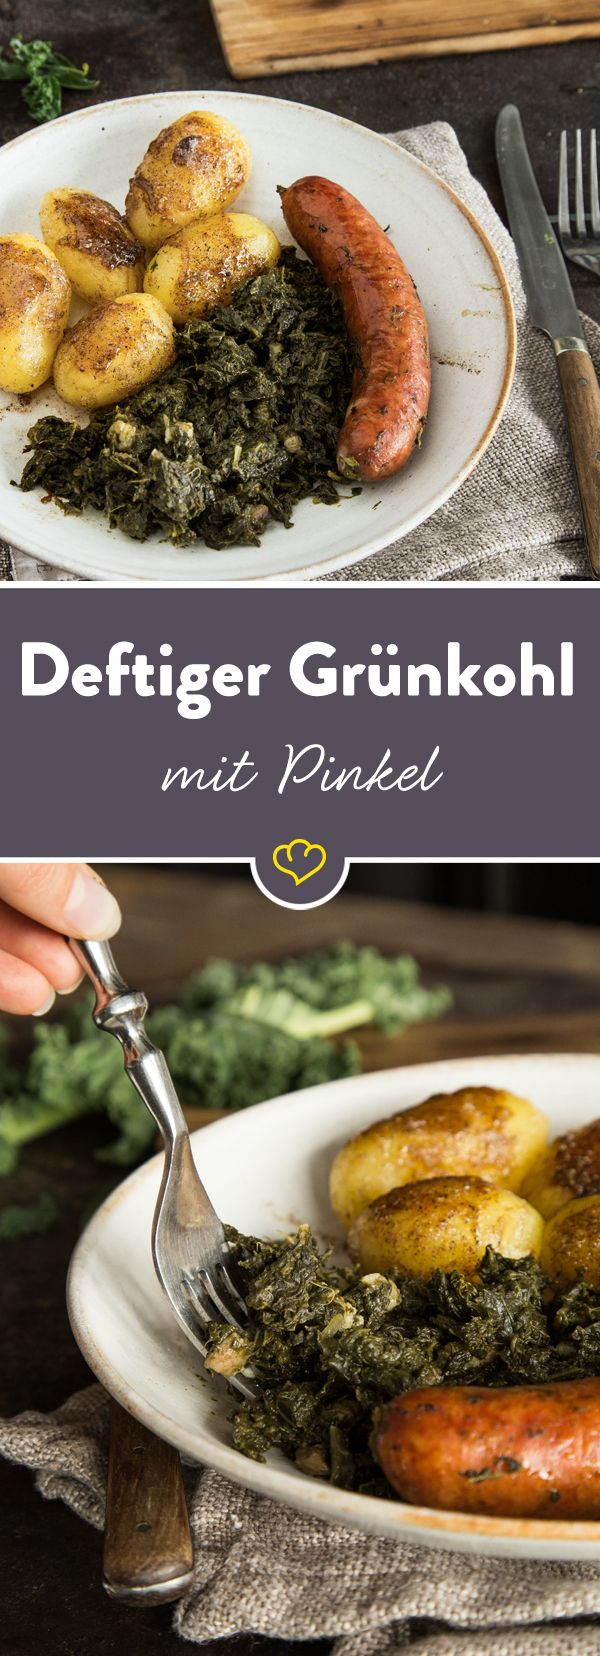 Norddeutschlands Kohlkönig? Eindeutig der Grünkohl. Nach dem ersten Frost wird er im Norden klassisch mit Pinkel und karamellisierten Kartoffeln verputzt.